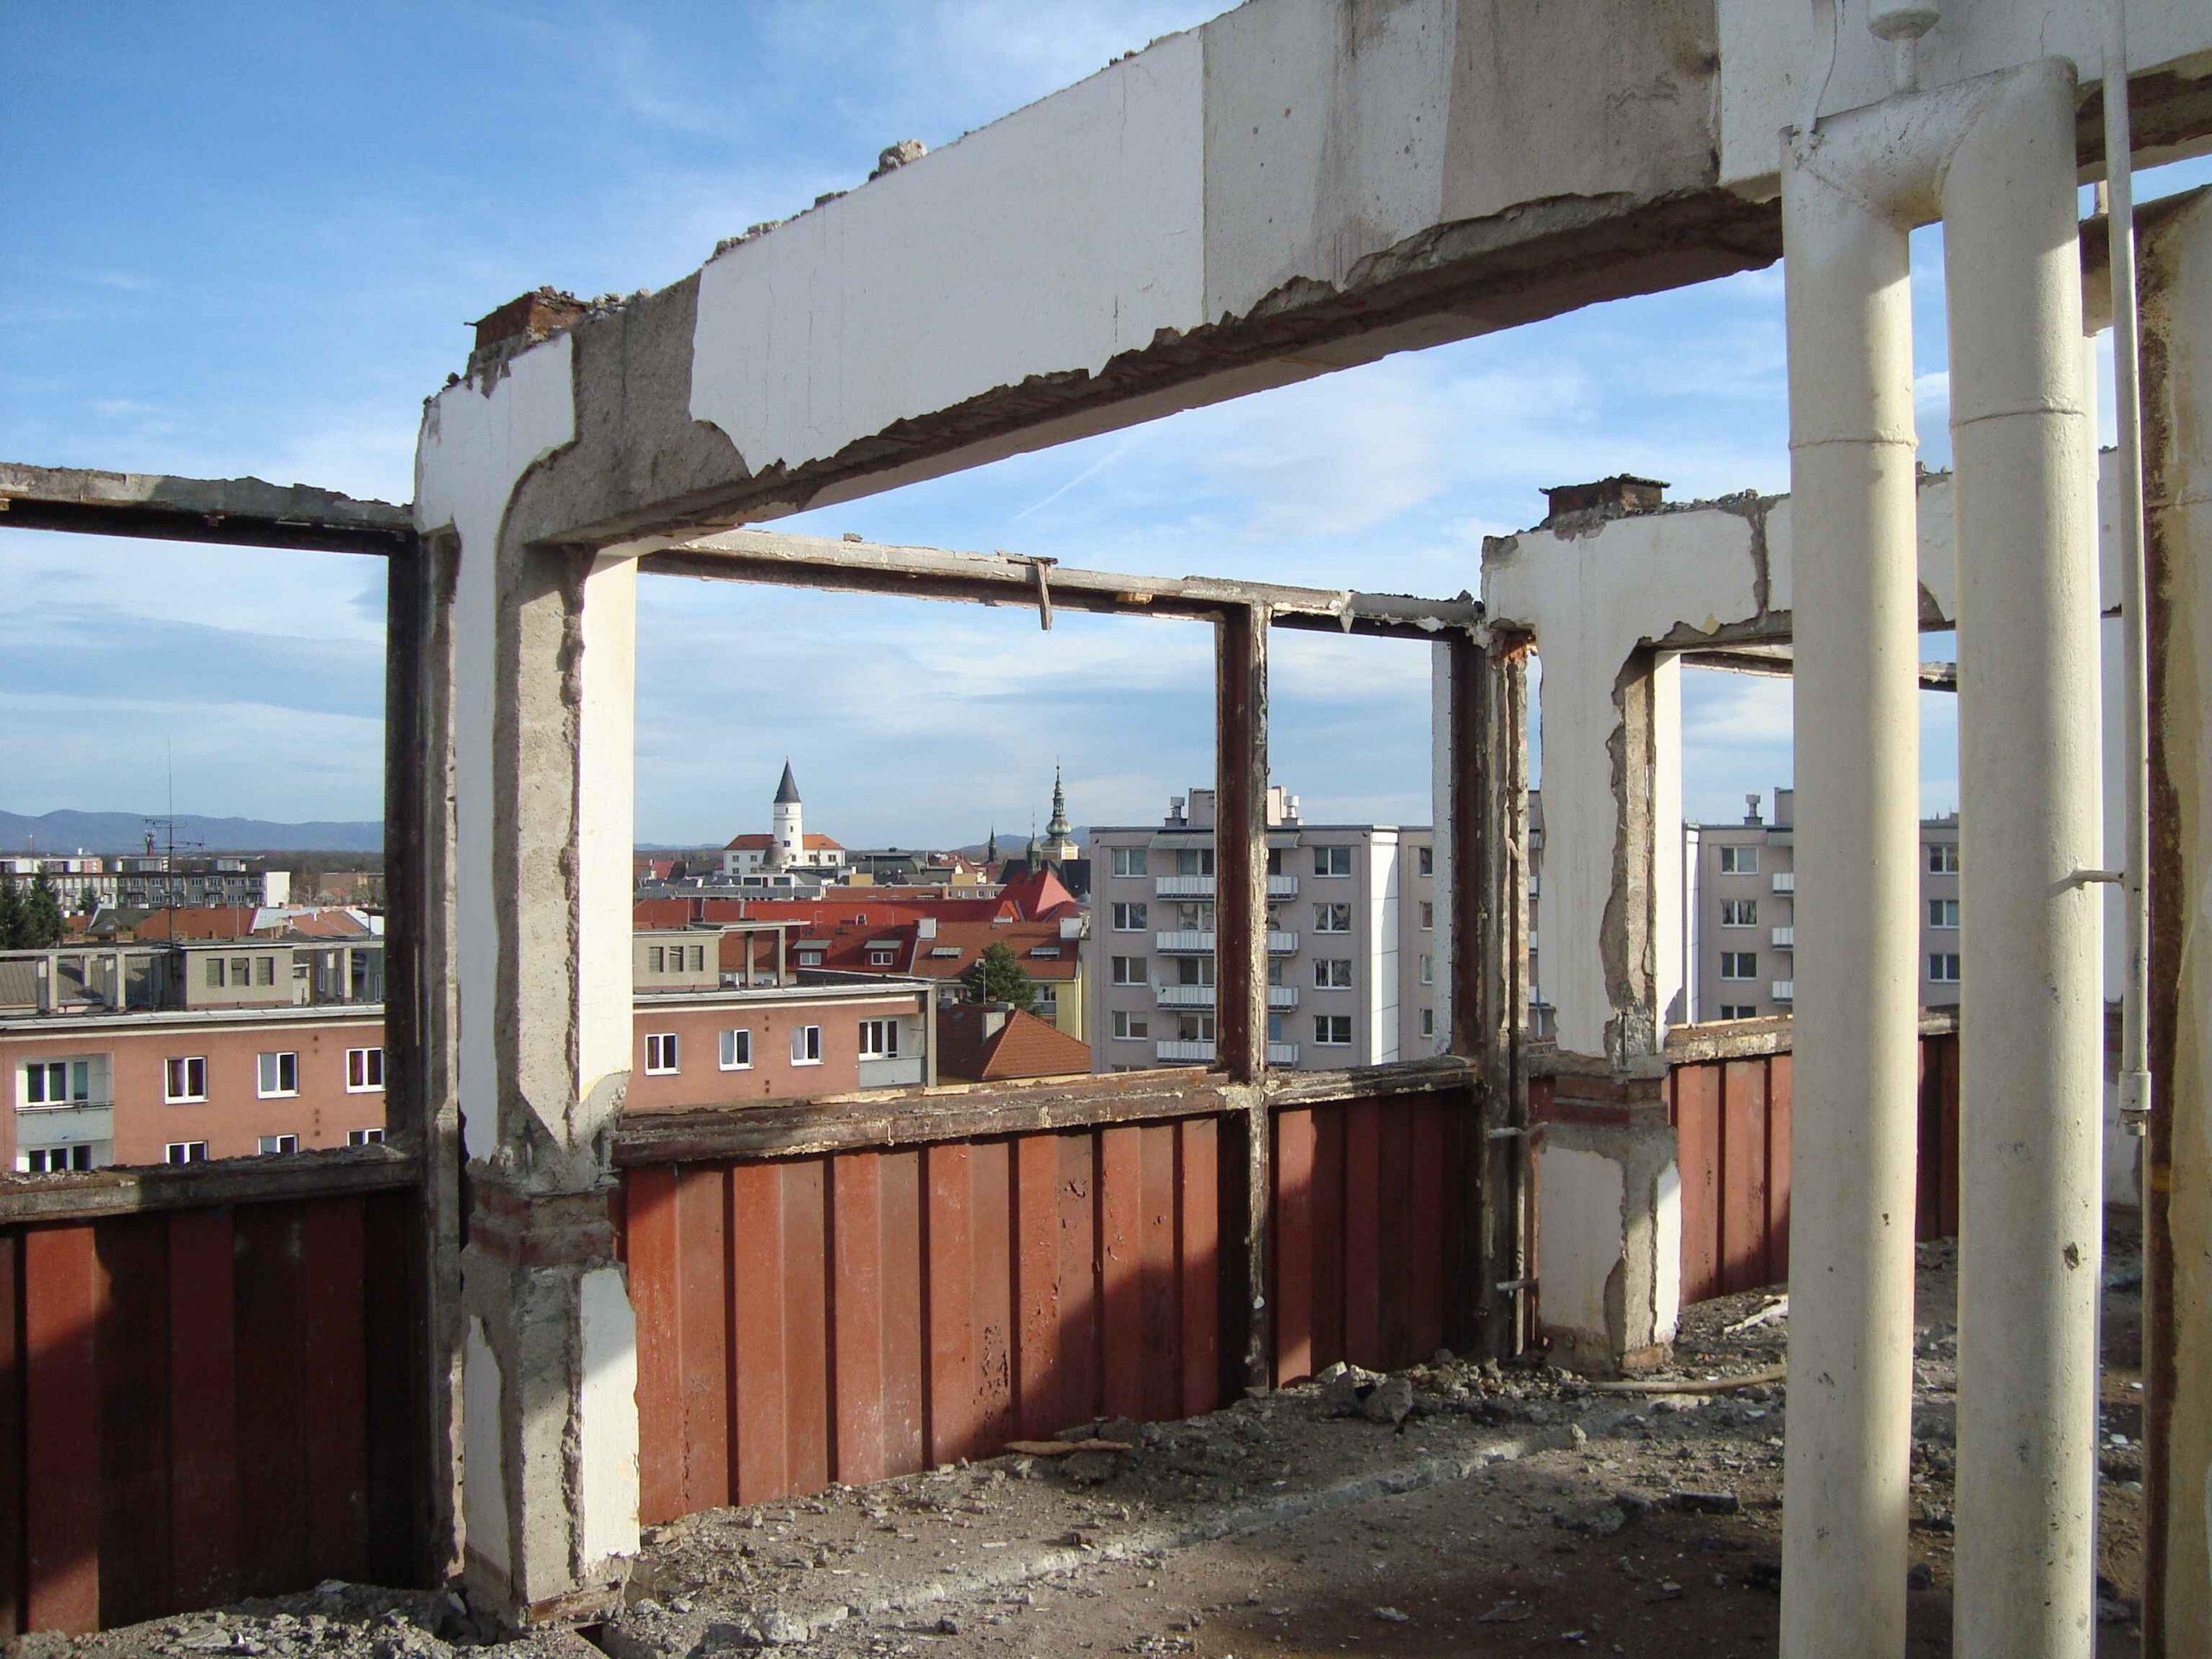 FOTOGALERIE: Demolice bývalé ubytovny Chemik je v plném proudu